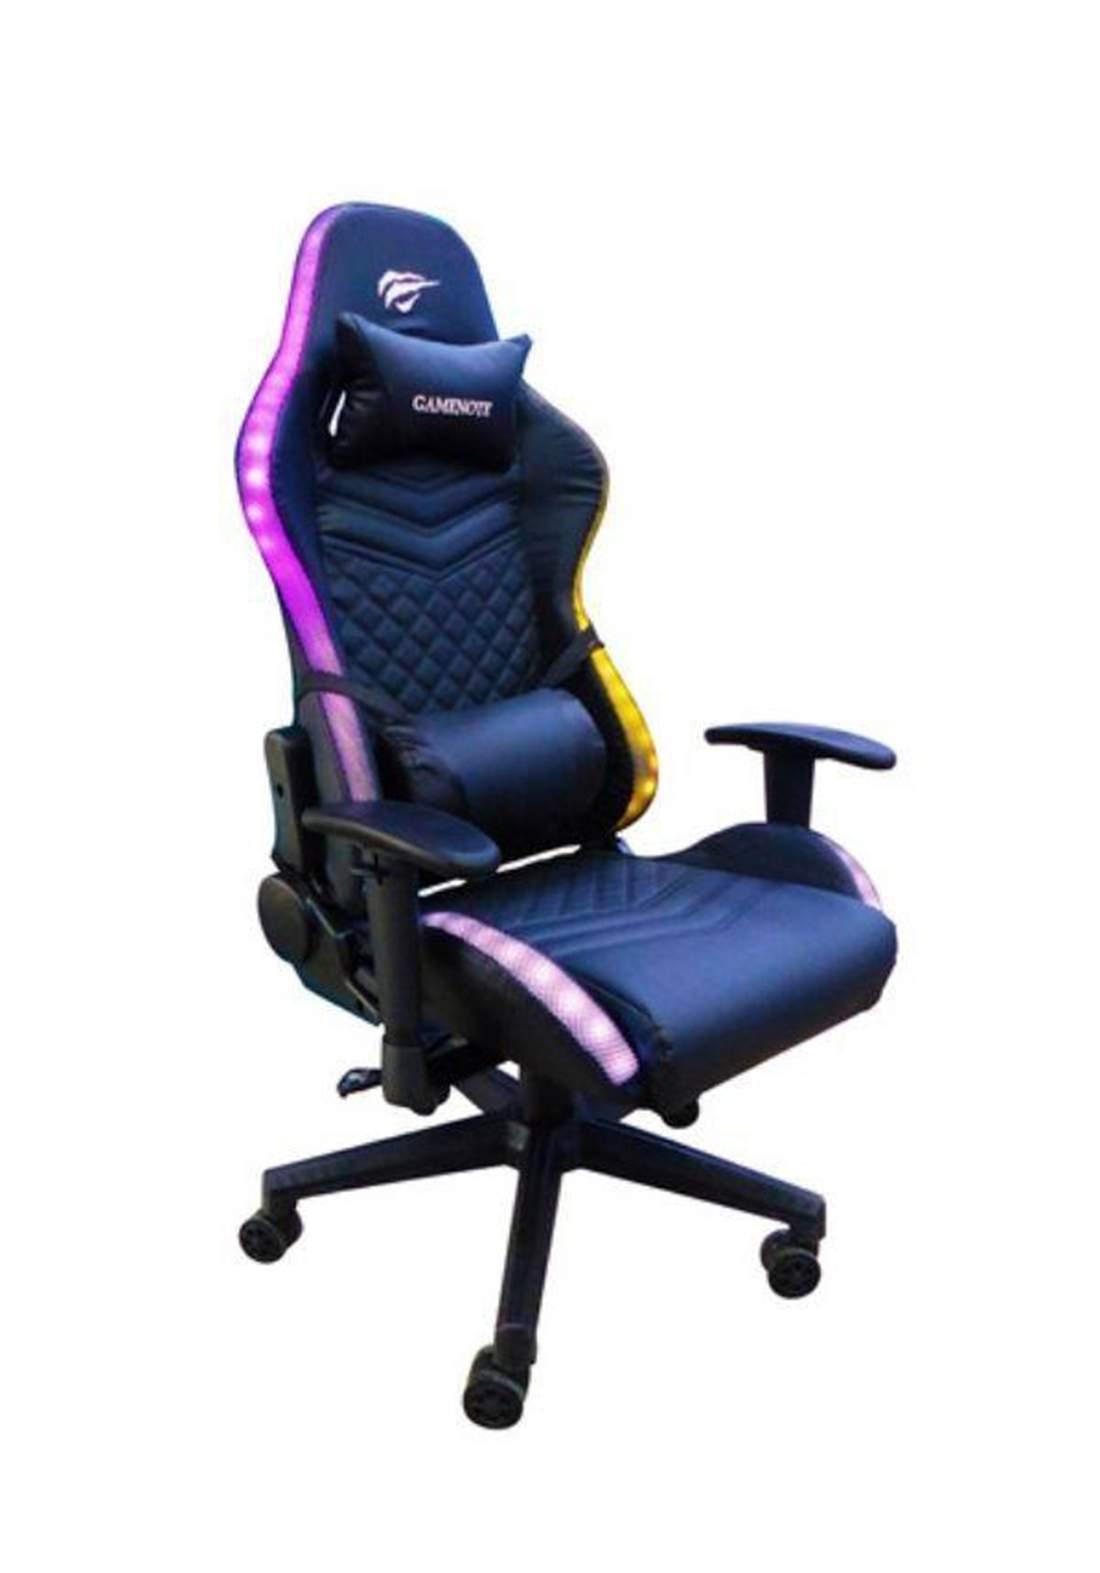 Havit  GC927   led light Gaming chair - Black   كرسي الالعاب المضيئ